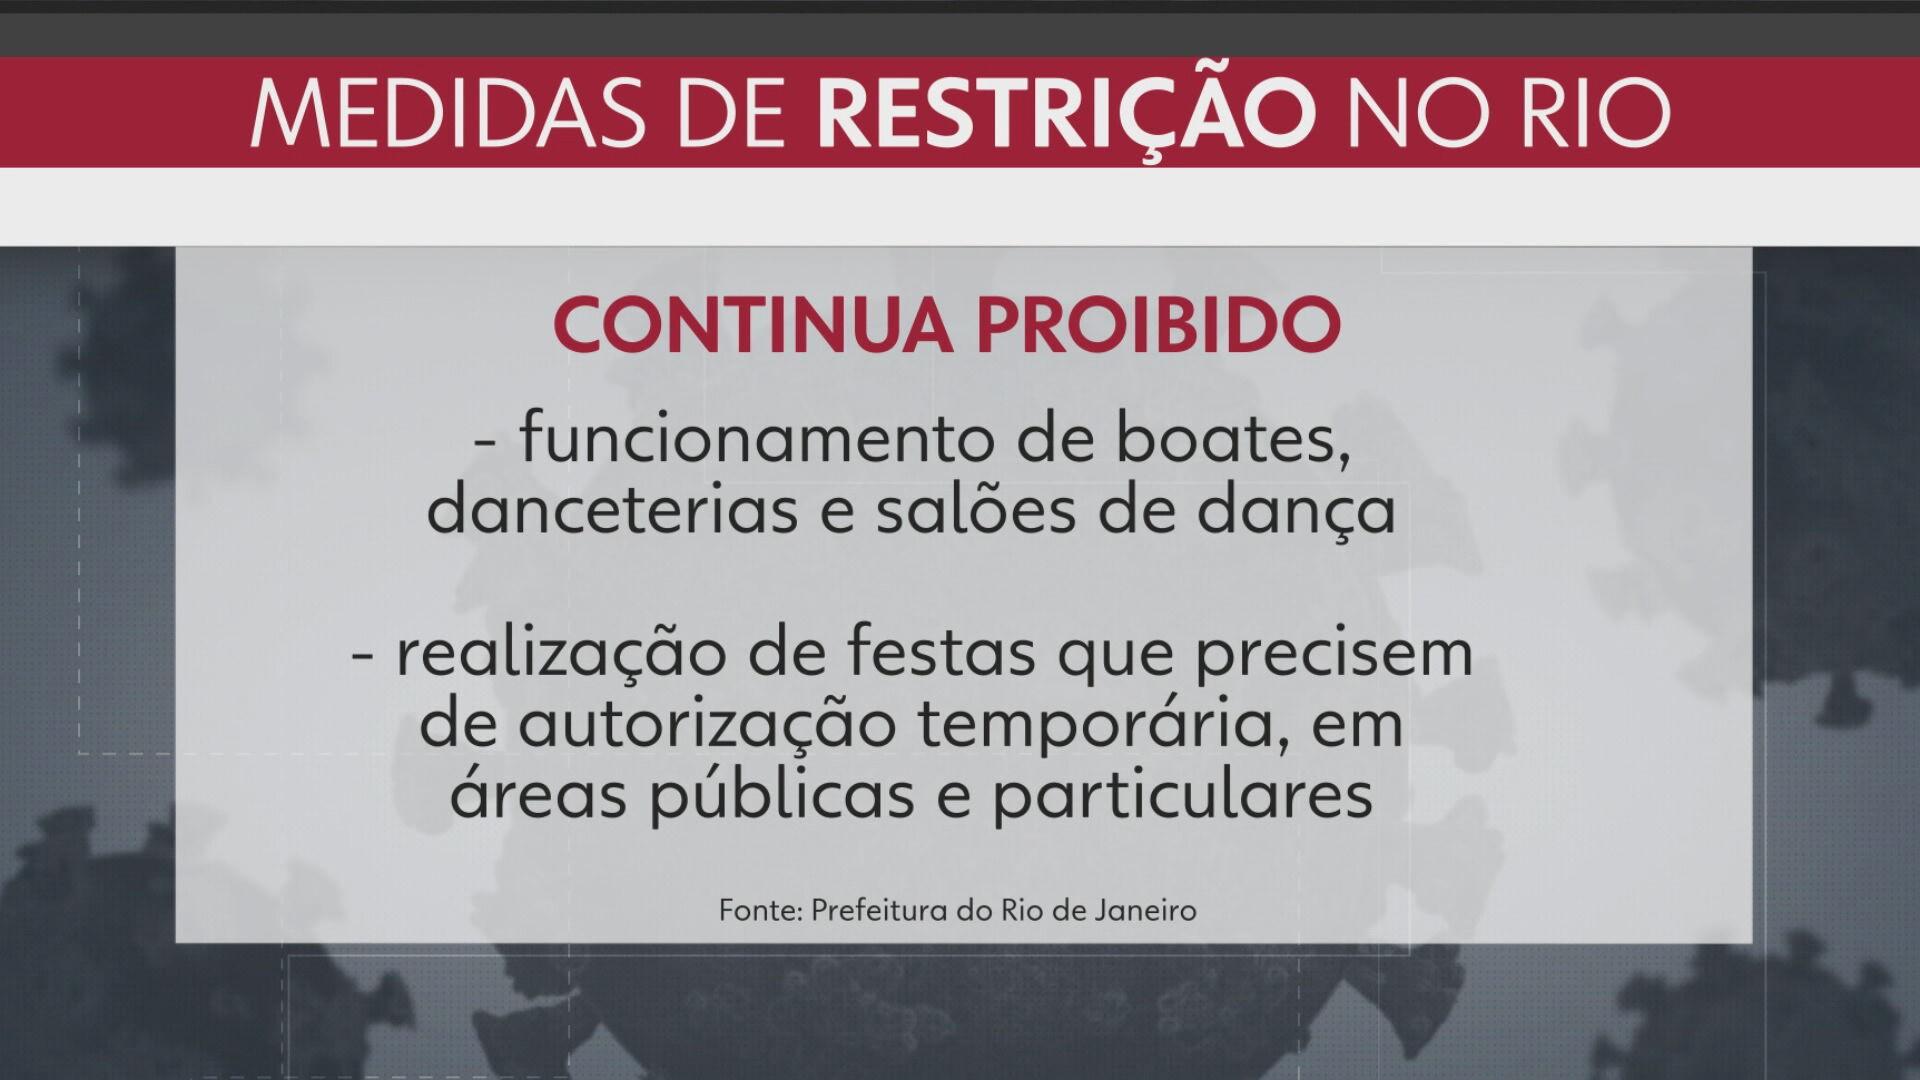 Prefeitura do Rio prorroga medidas de restrição até o dia 12; boates seguem proibidas